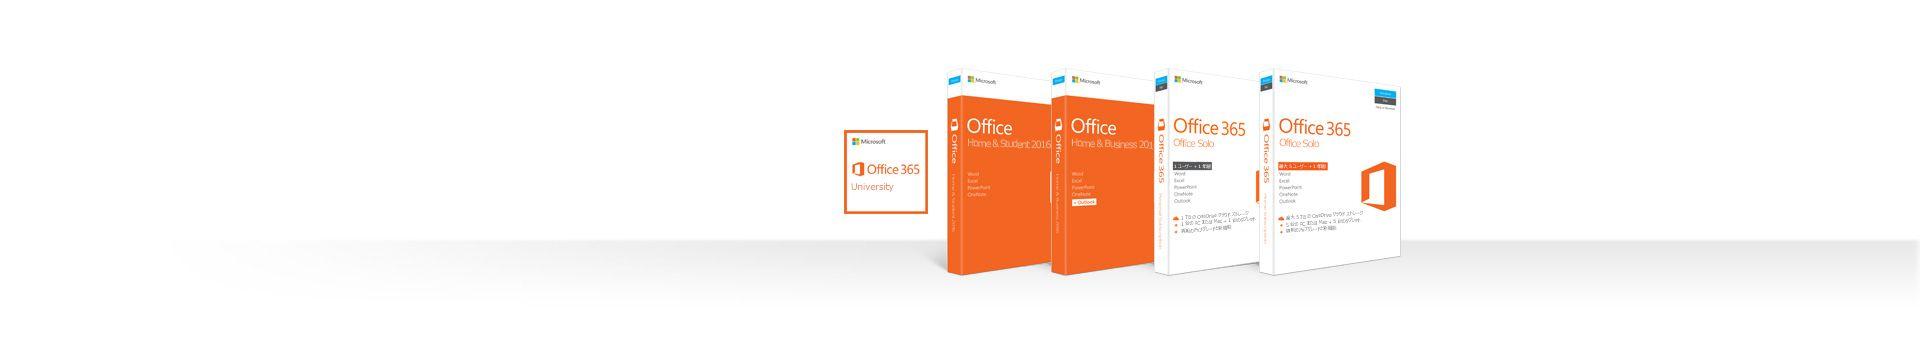 Mac 用 Office サブスクリプションとスタンドアロン製品を表すボックスの行